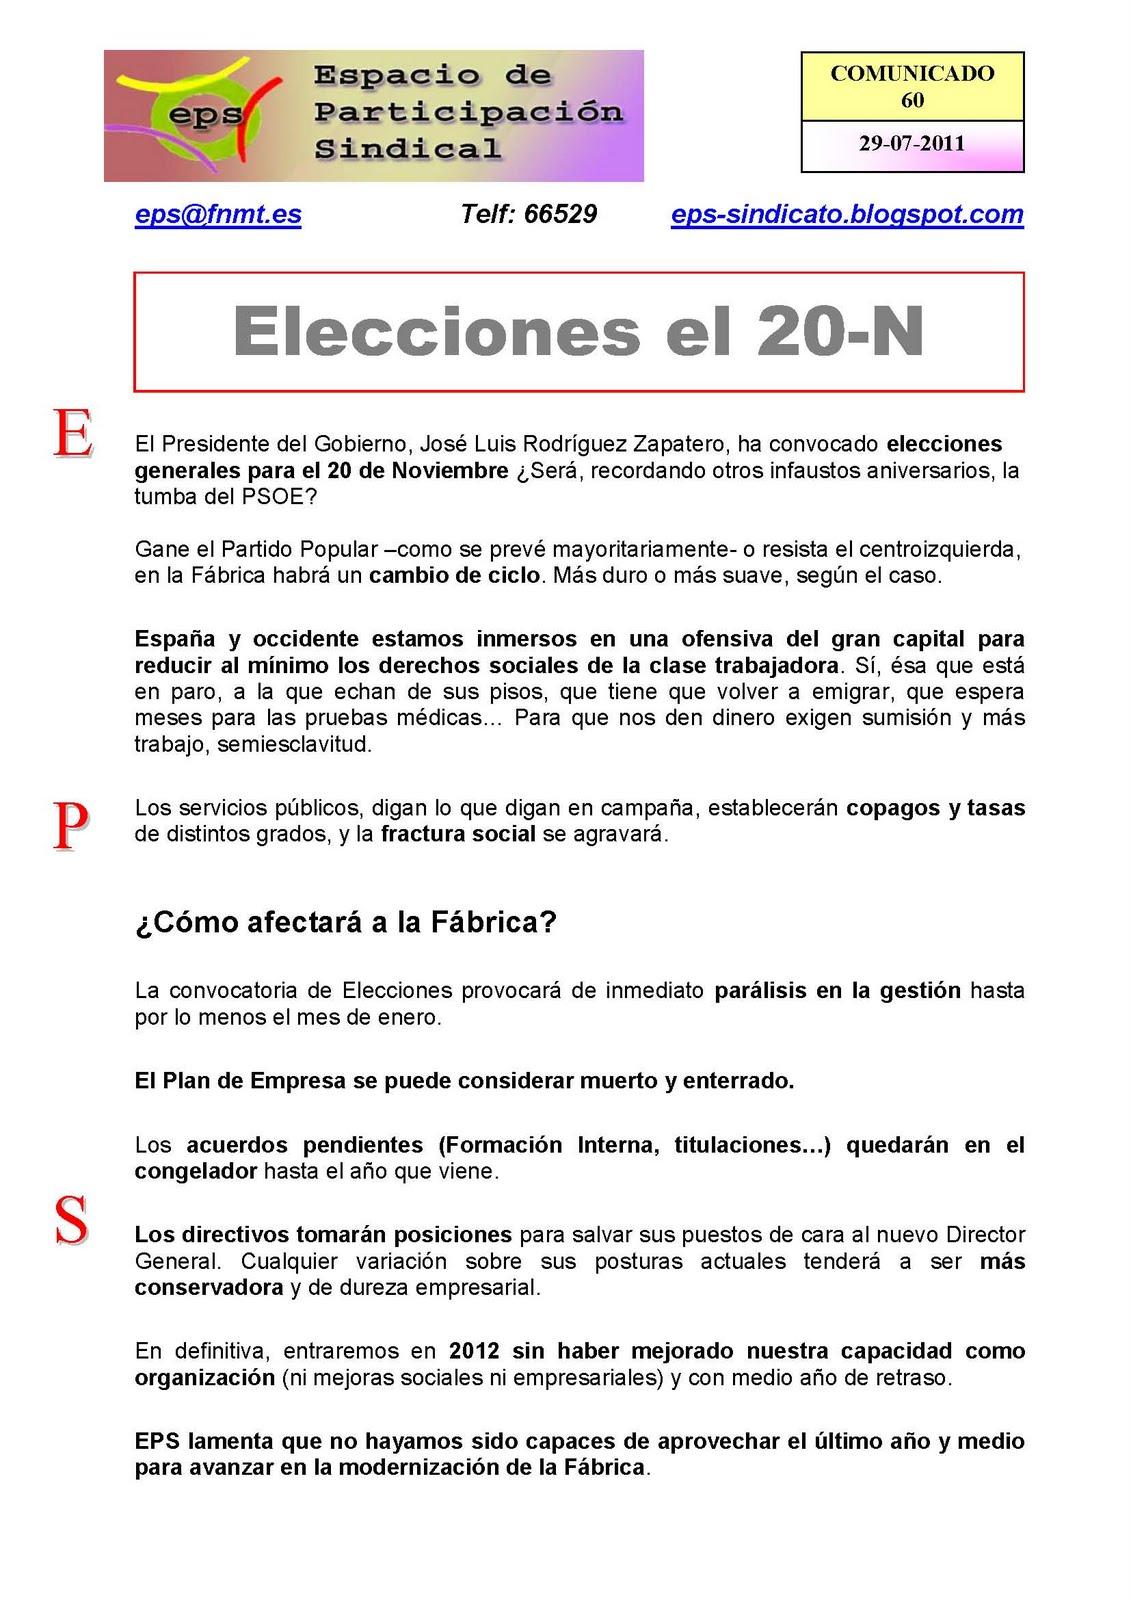 Espacio de Participación Sindical: 2011